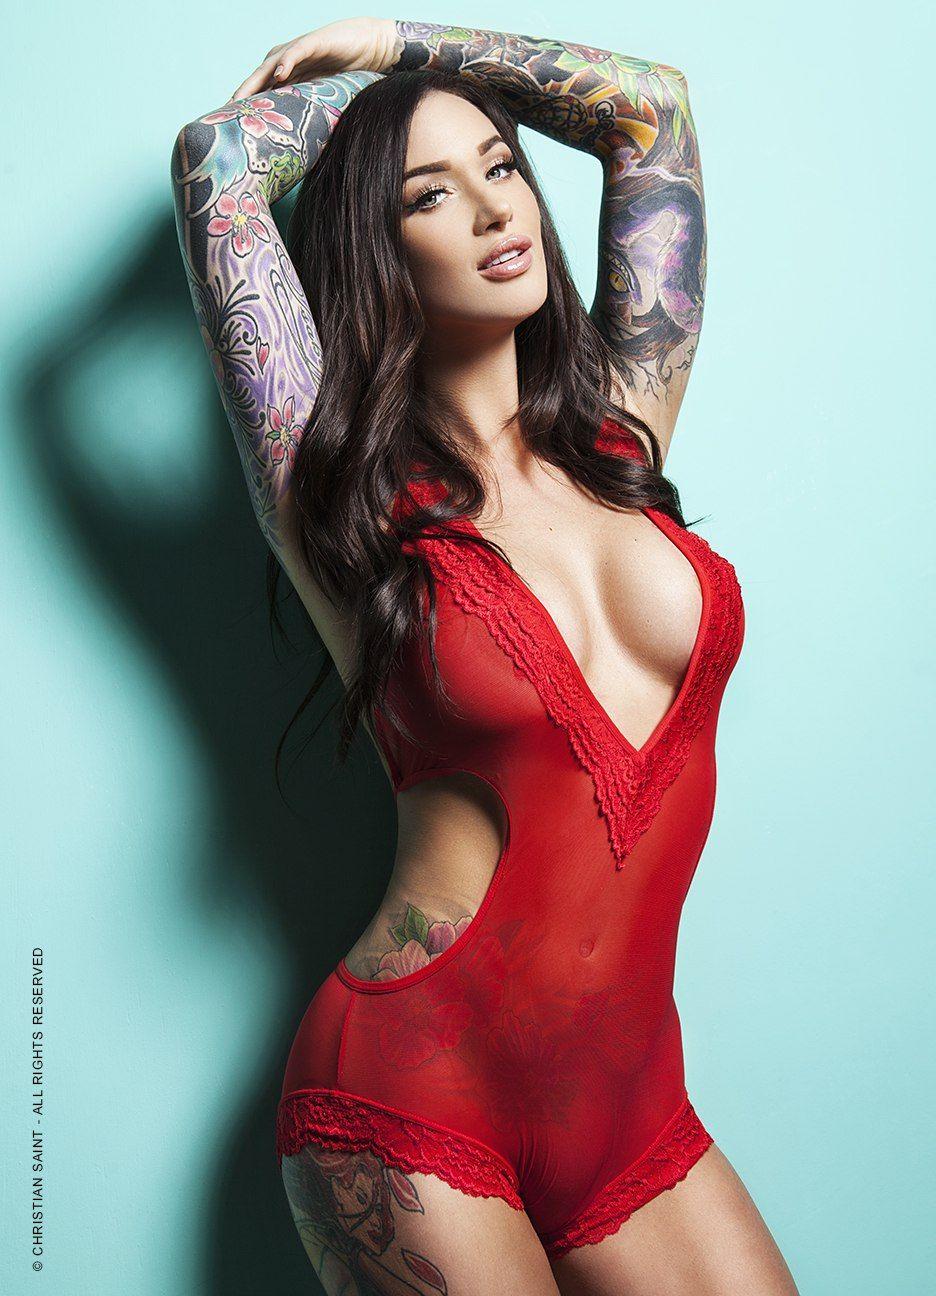 Toni braxton nipple slip